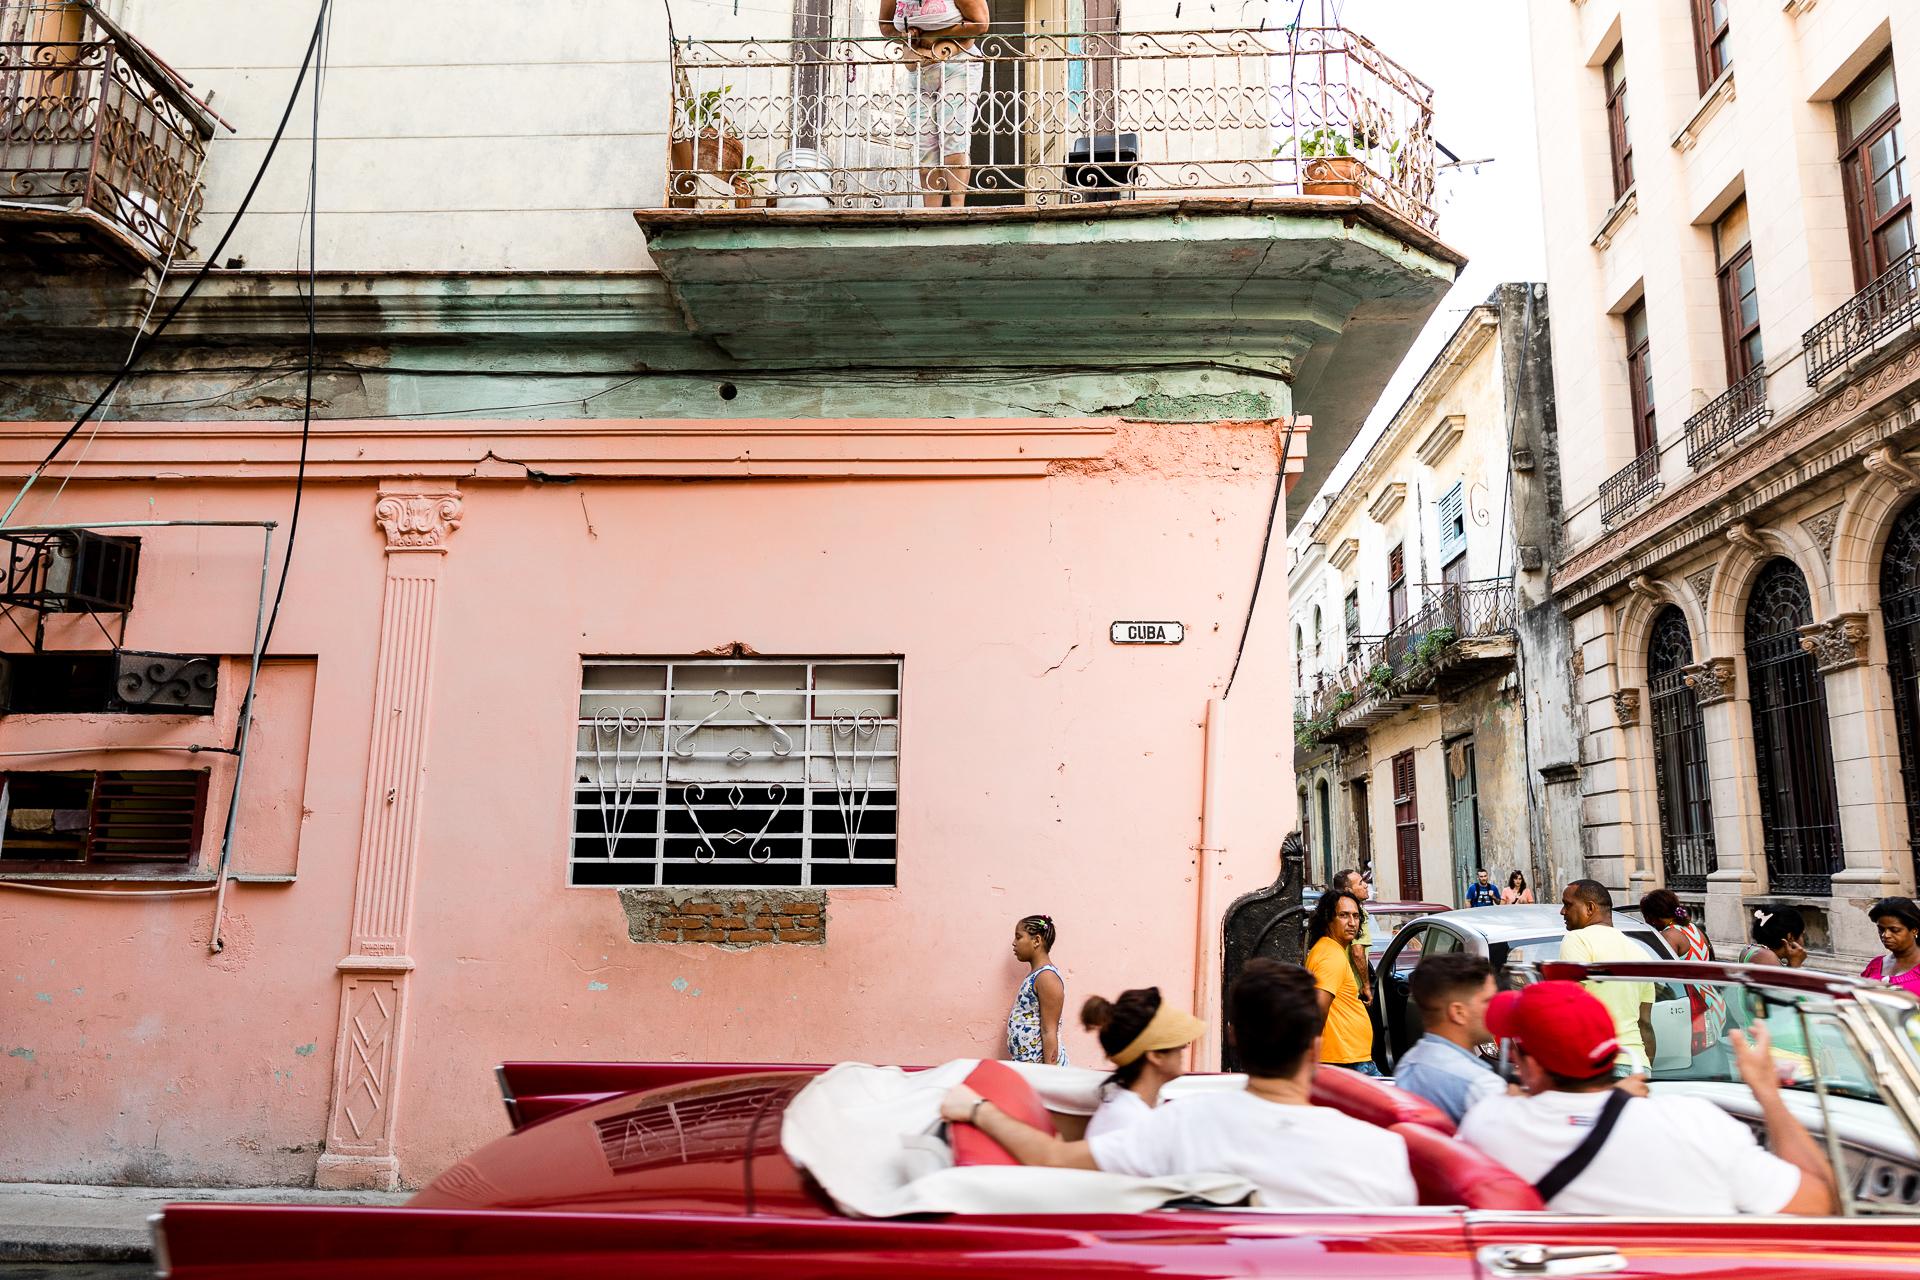 Bild: Oldtimer mit Kubanern in den Straßen Havannas